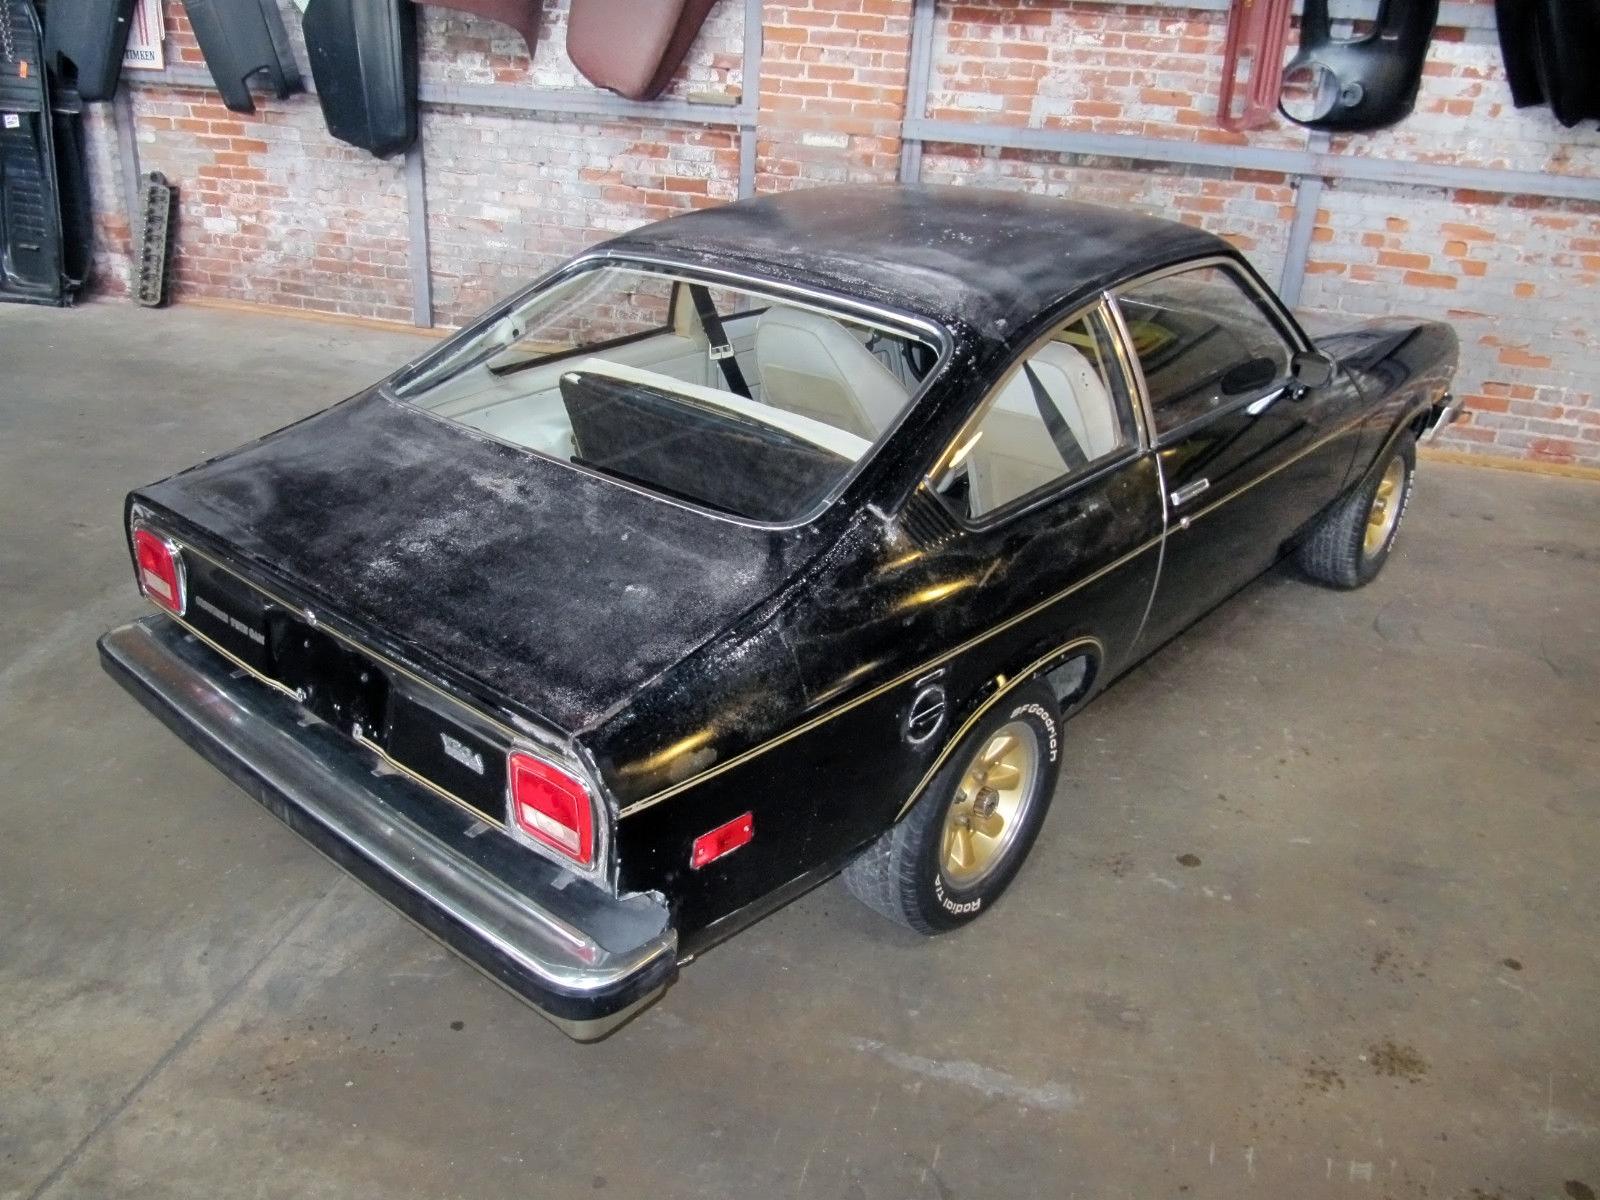 1975 Corvette Specs >> Carbed Cosworth: 1975 Chevrolet Cosworth Vega